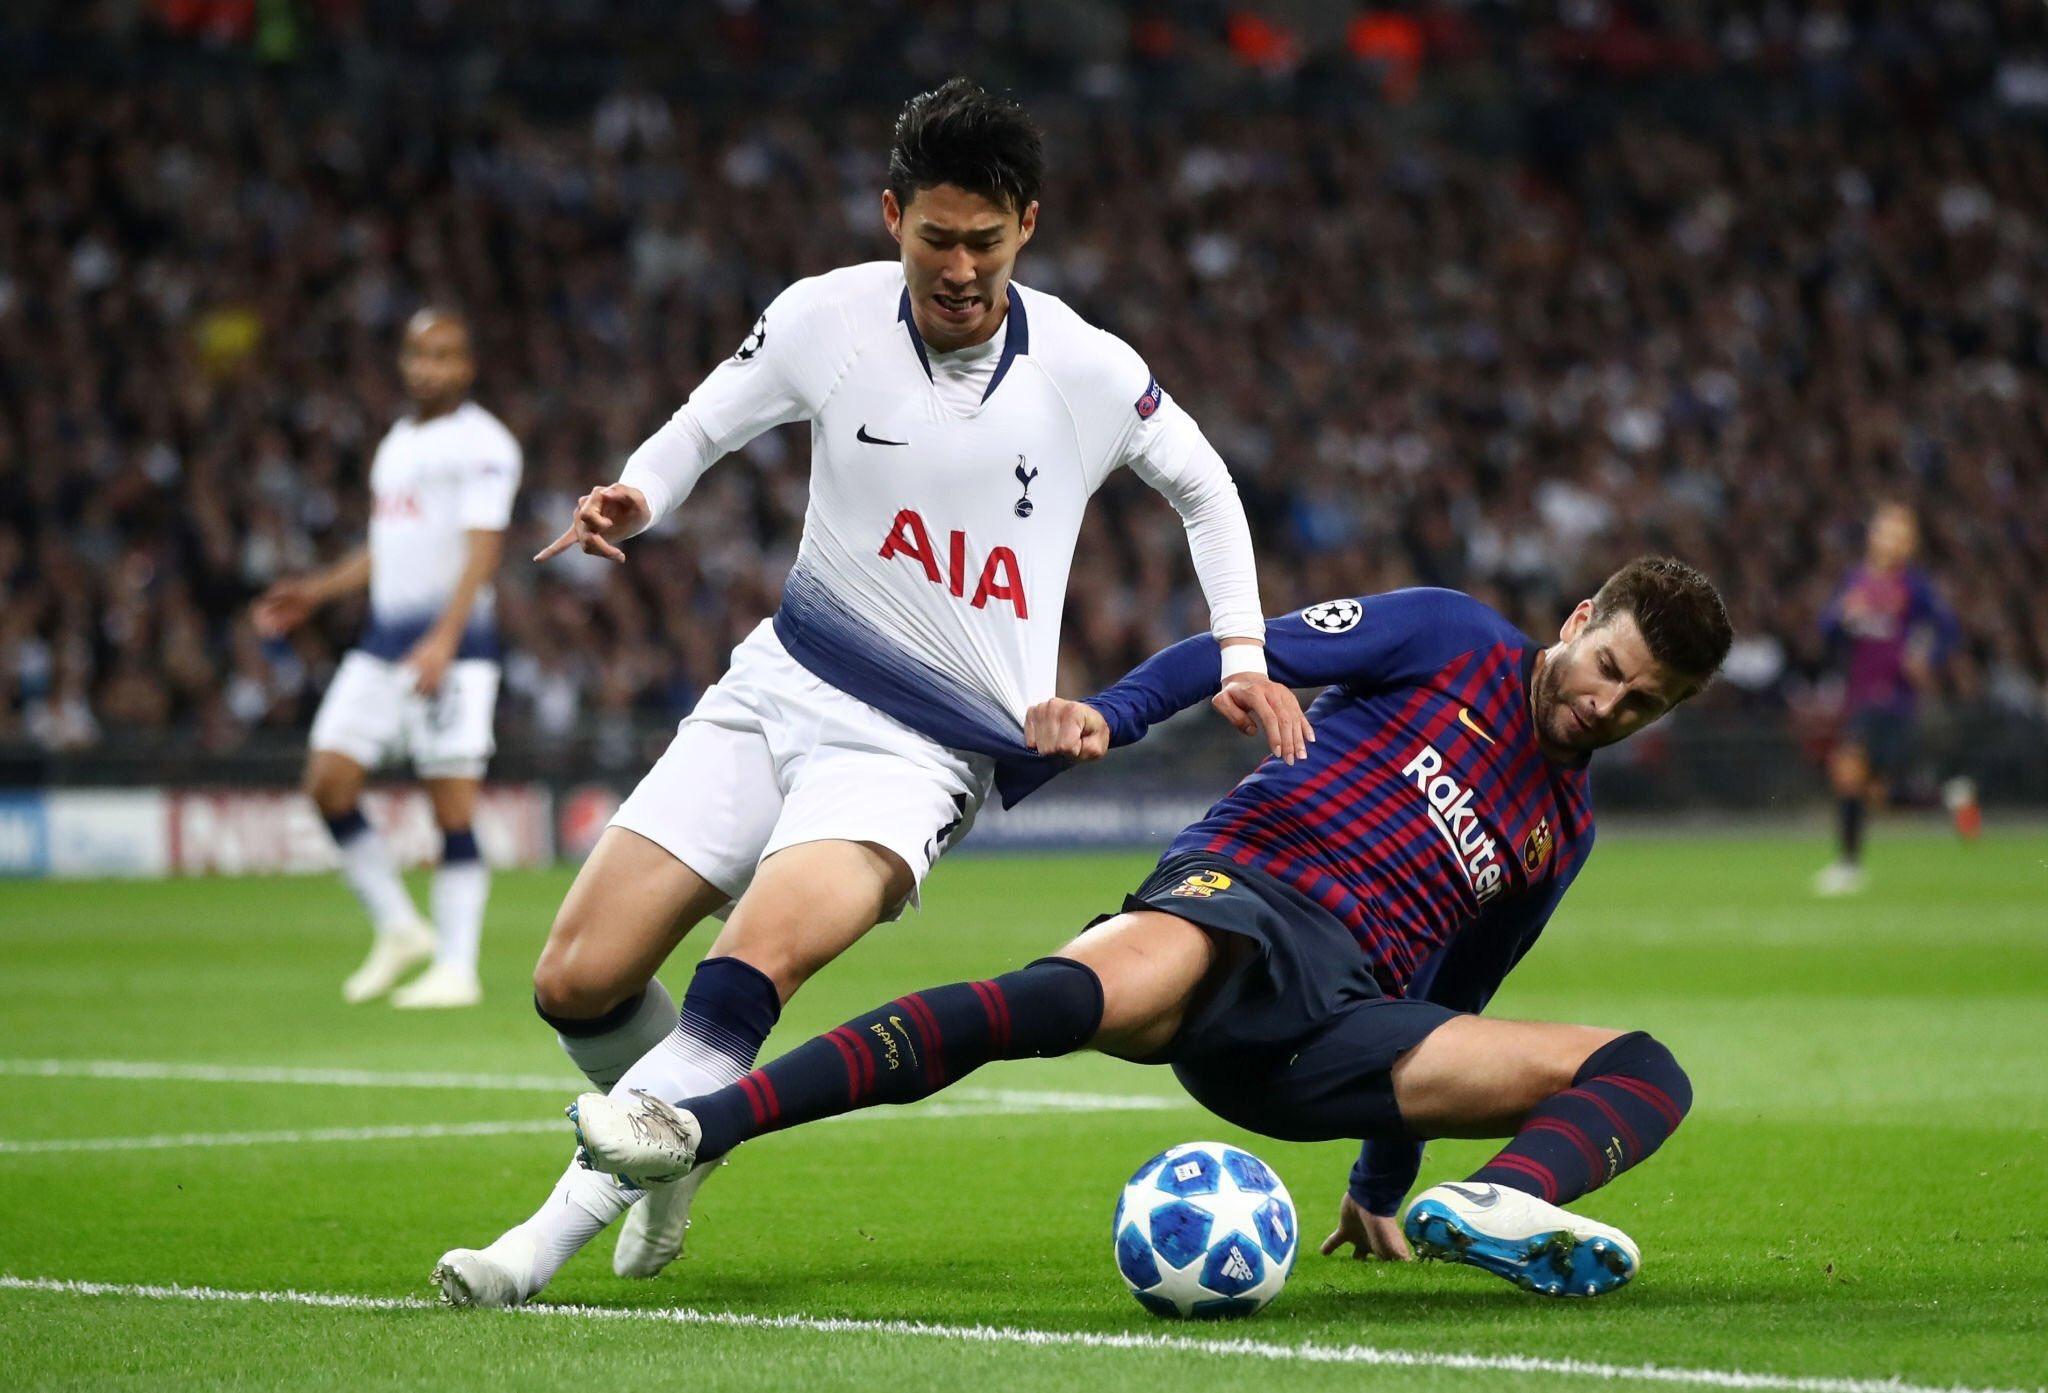 صور مباراة : توتنهام - برشلونة 2-4 ( 03-10-2018 )  DonW2TWW0AAbtwx